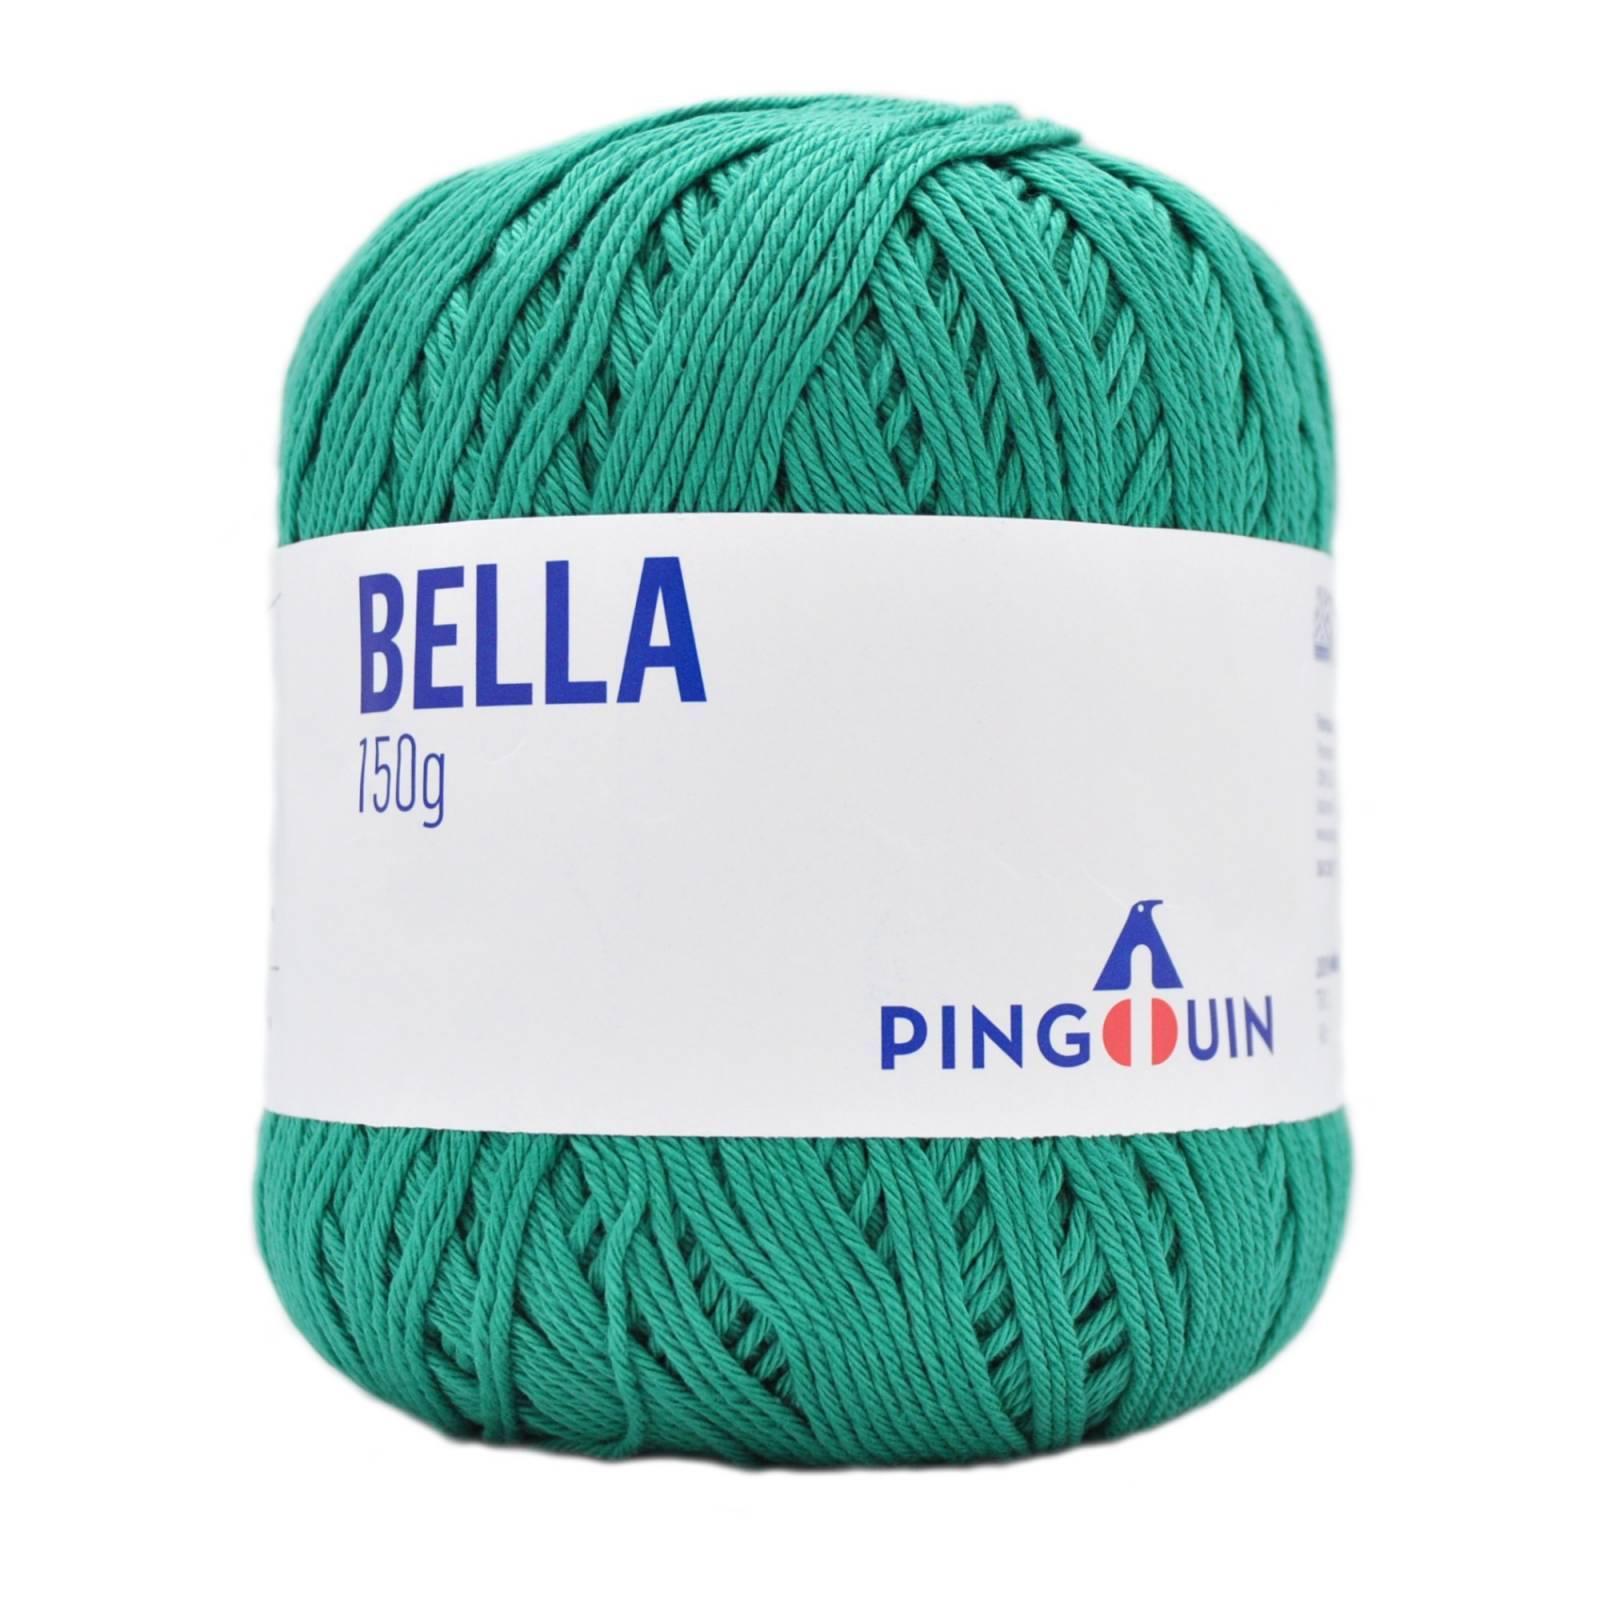 Fio Bella 9610 mirante - BAÚ DA VOVÓ